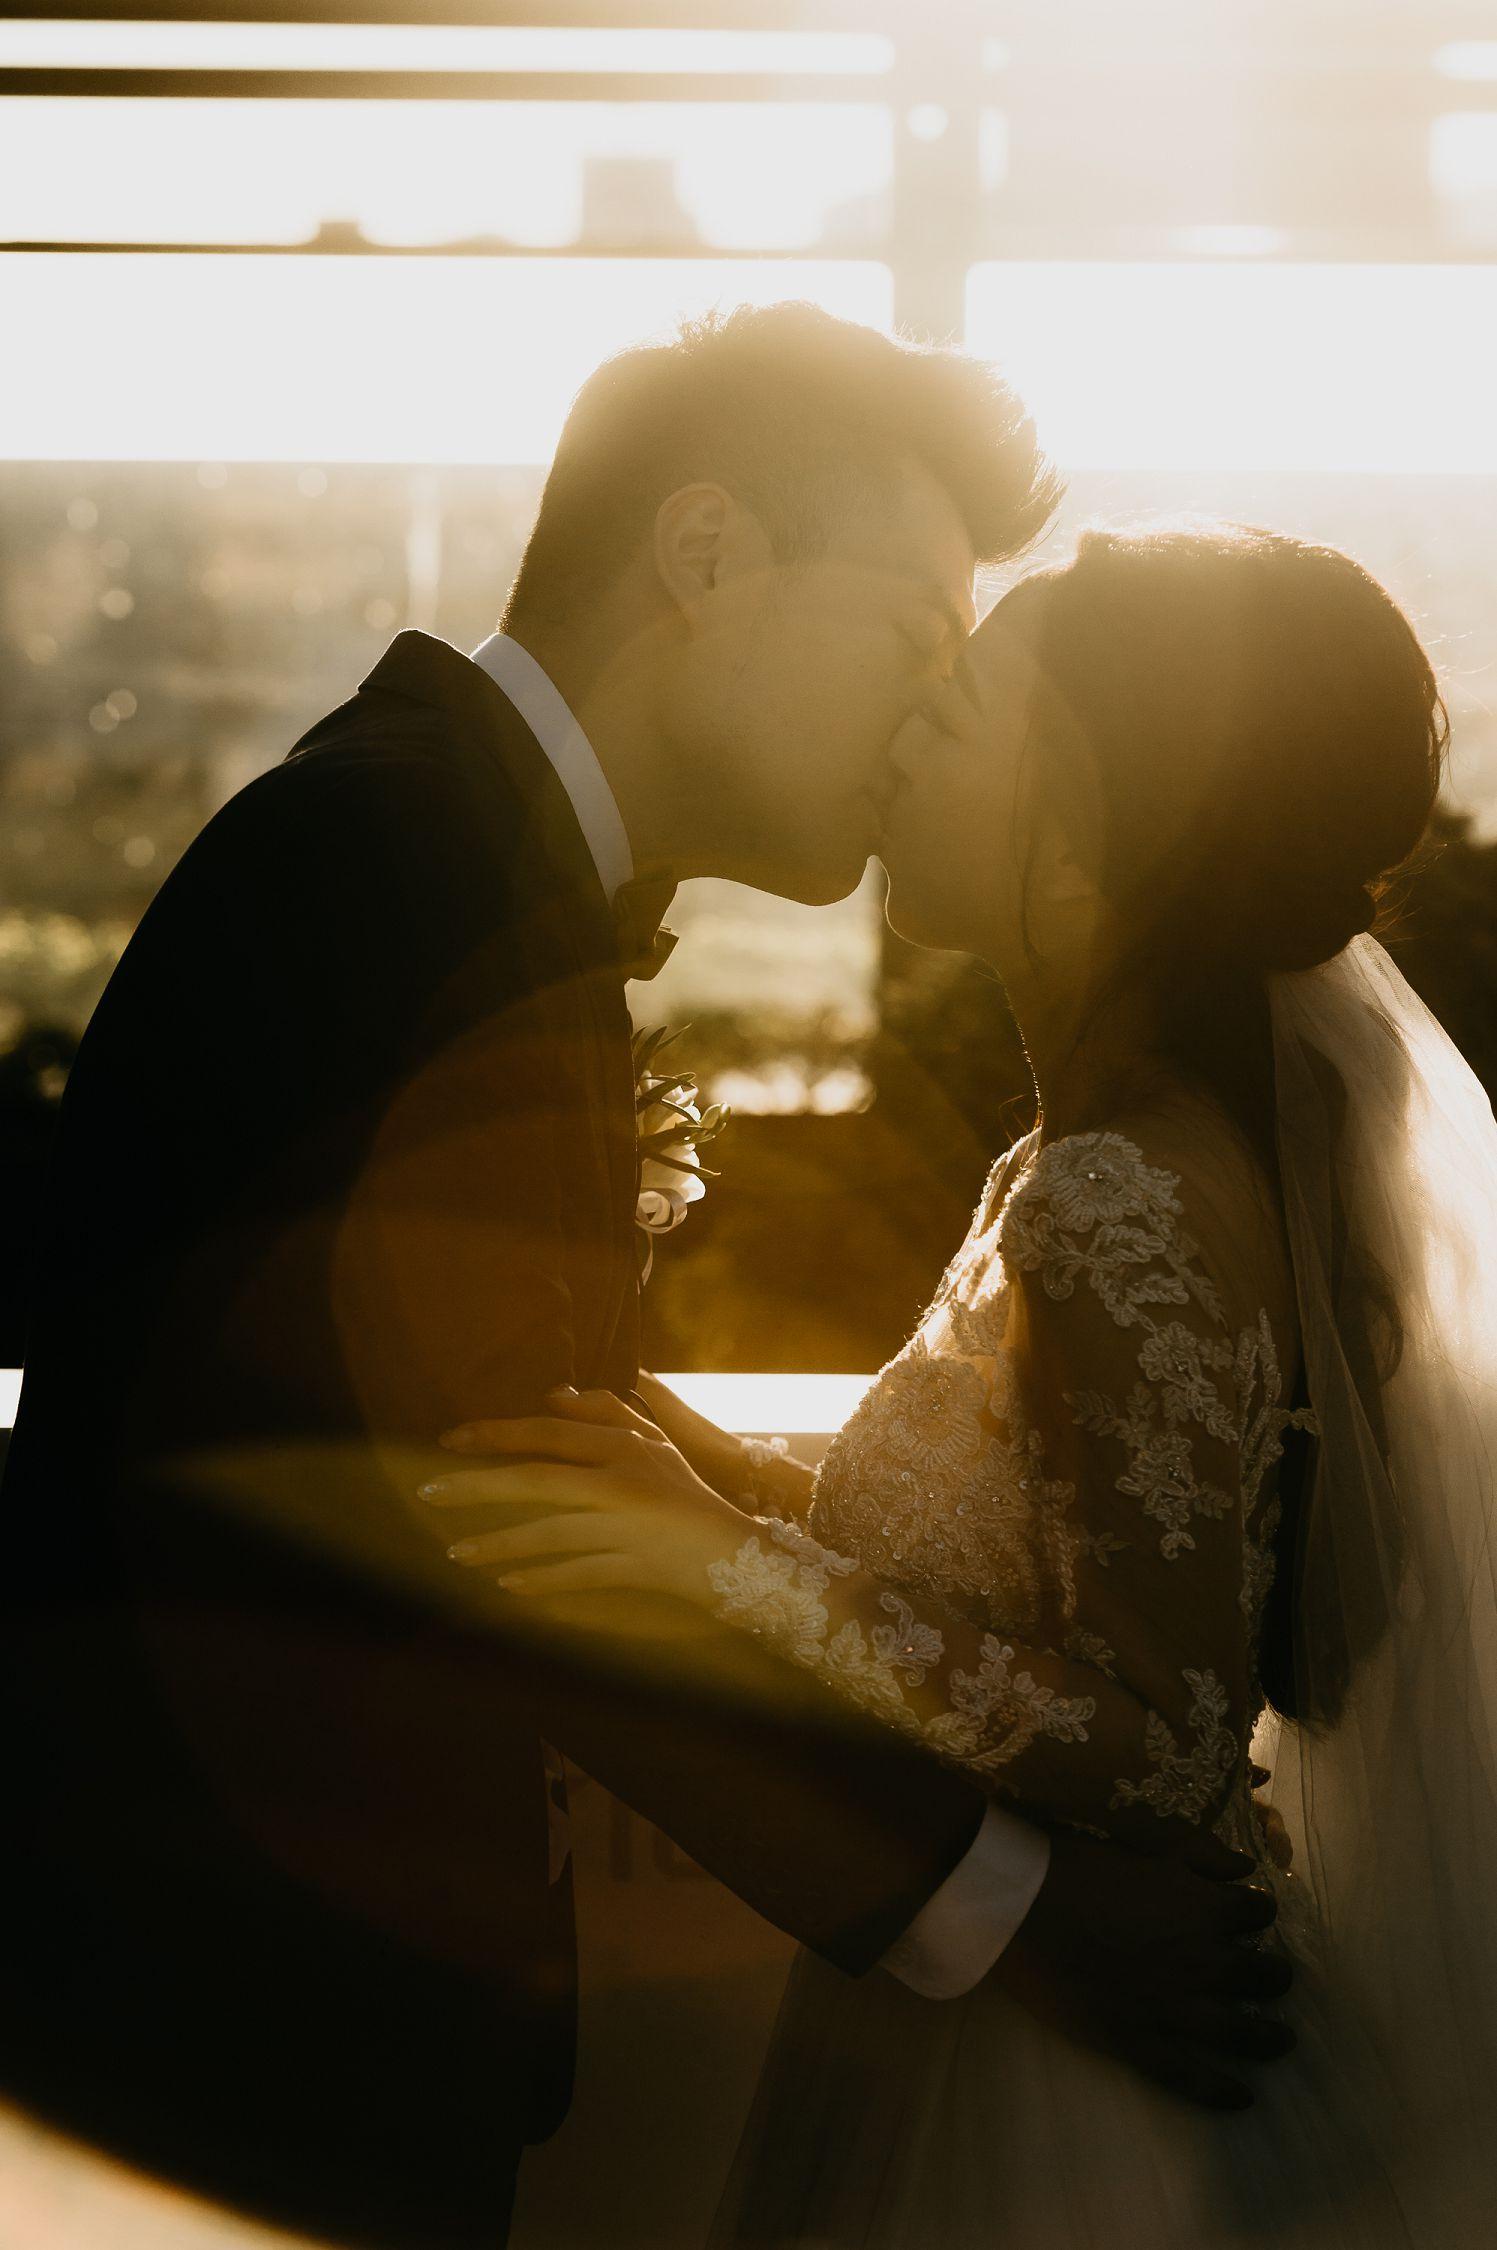 婚禮紀錄,婚禮攝影,婚攝,雙機攝影,北部婚攝,維多麗亞酒店,大直,證婚,婚顧,主持人,新秘,風雲20,游阿三,情感,故事性,儀式,文定,迎娶